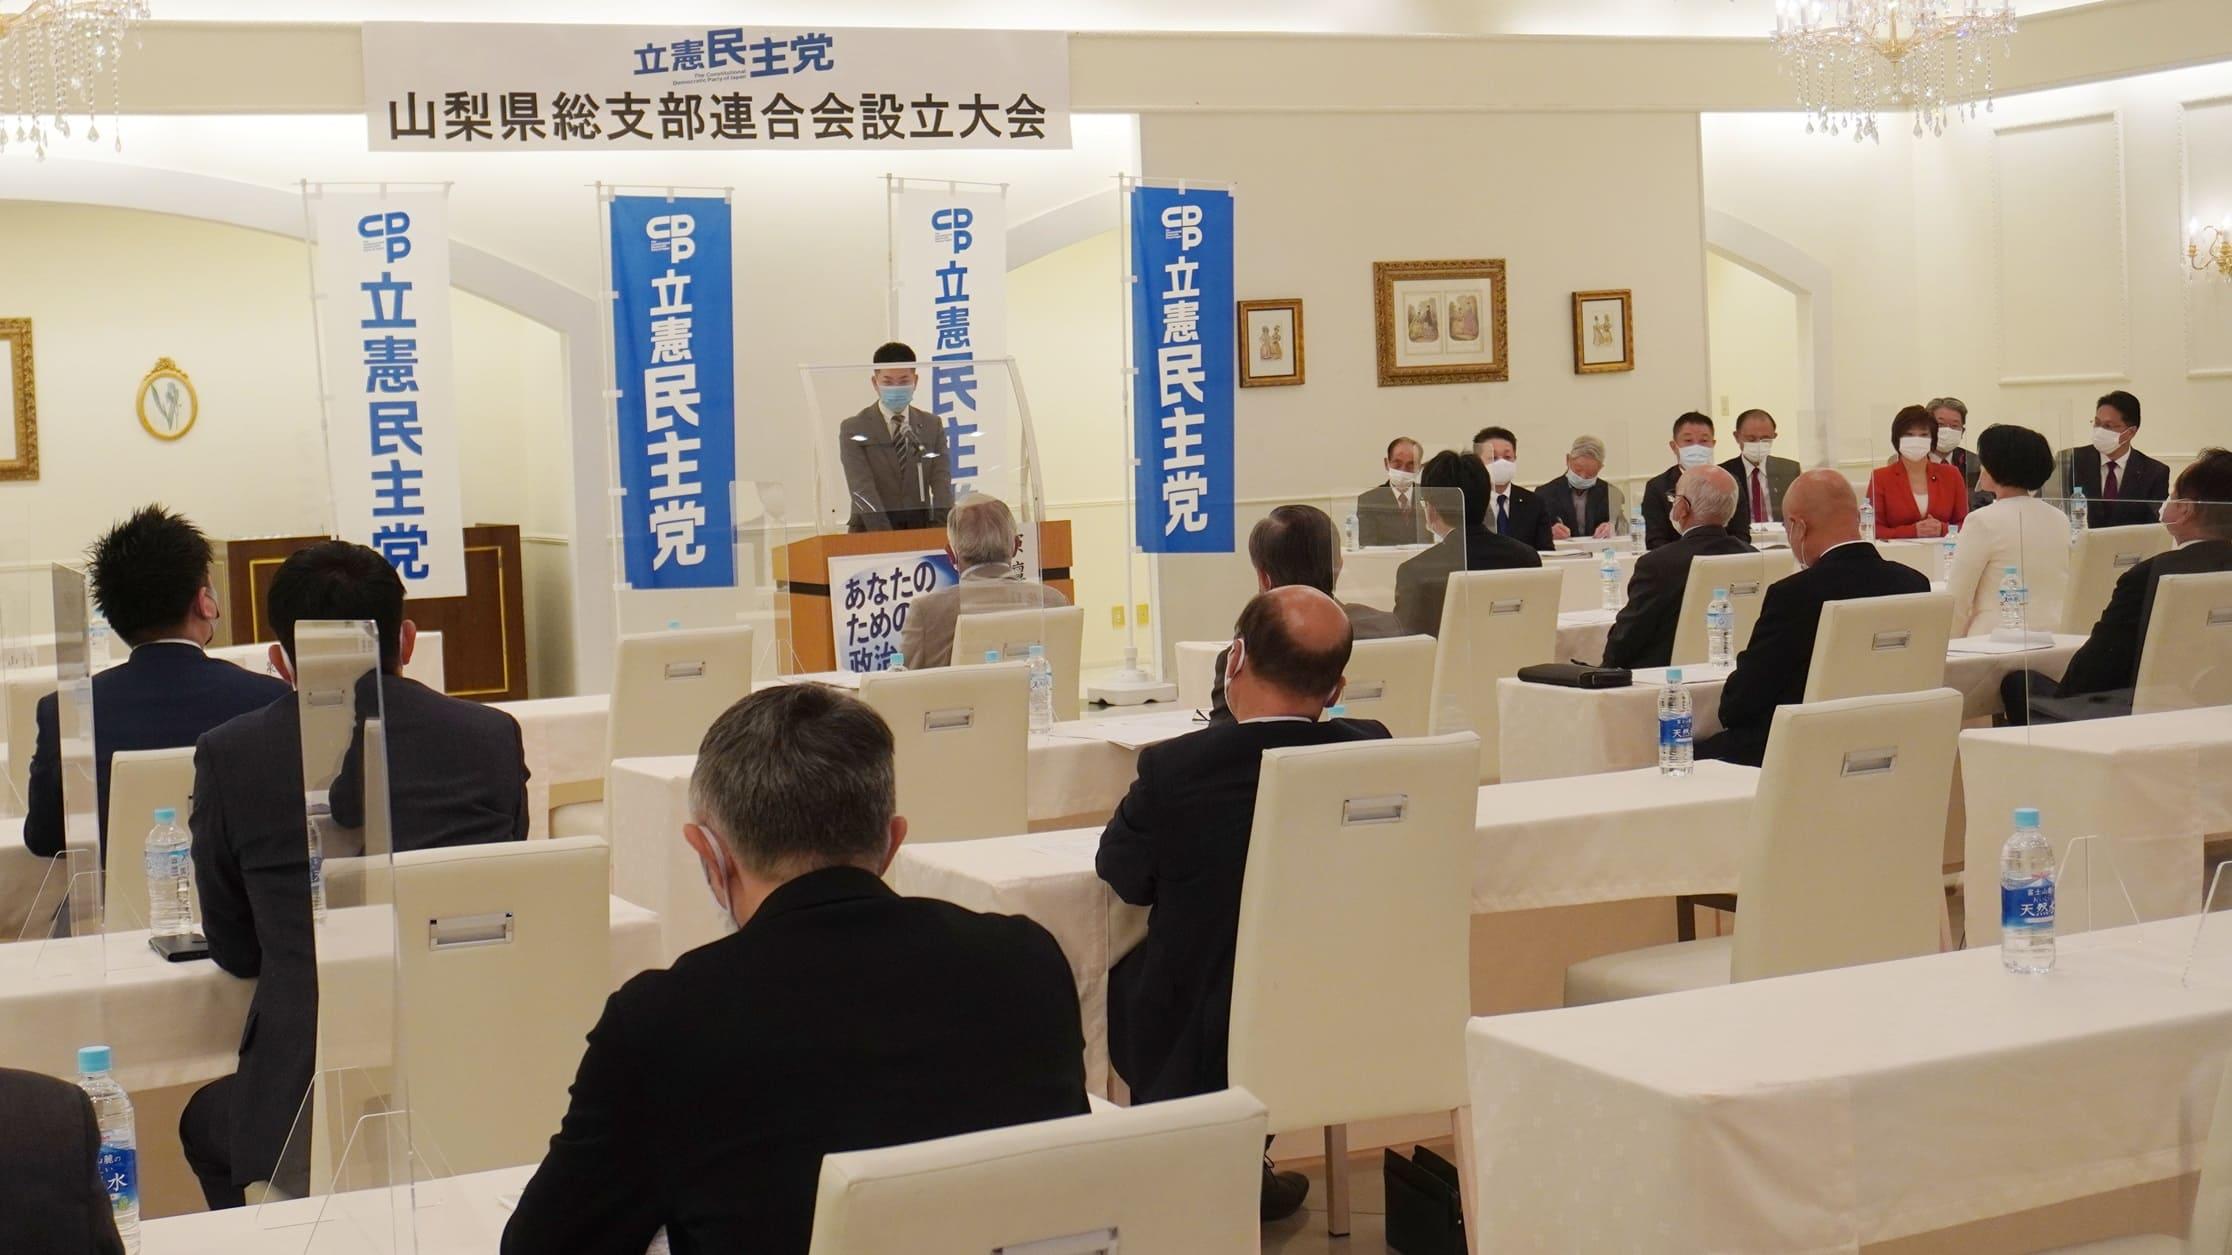 立憲民主党山梨県連、甲府市で県連設立大会を開催